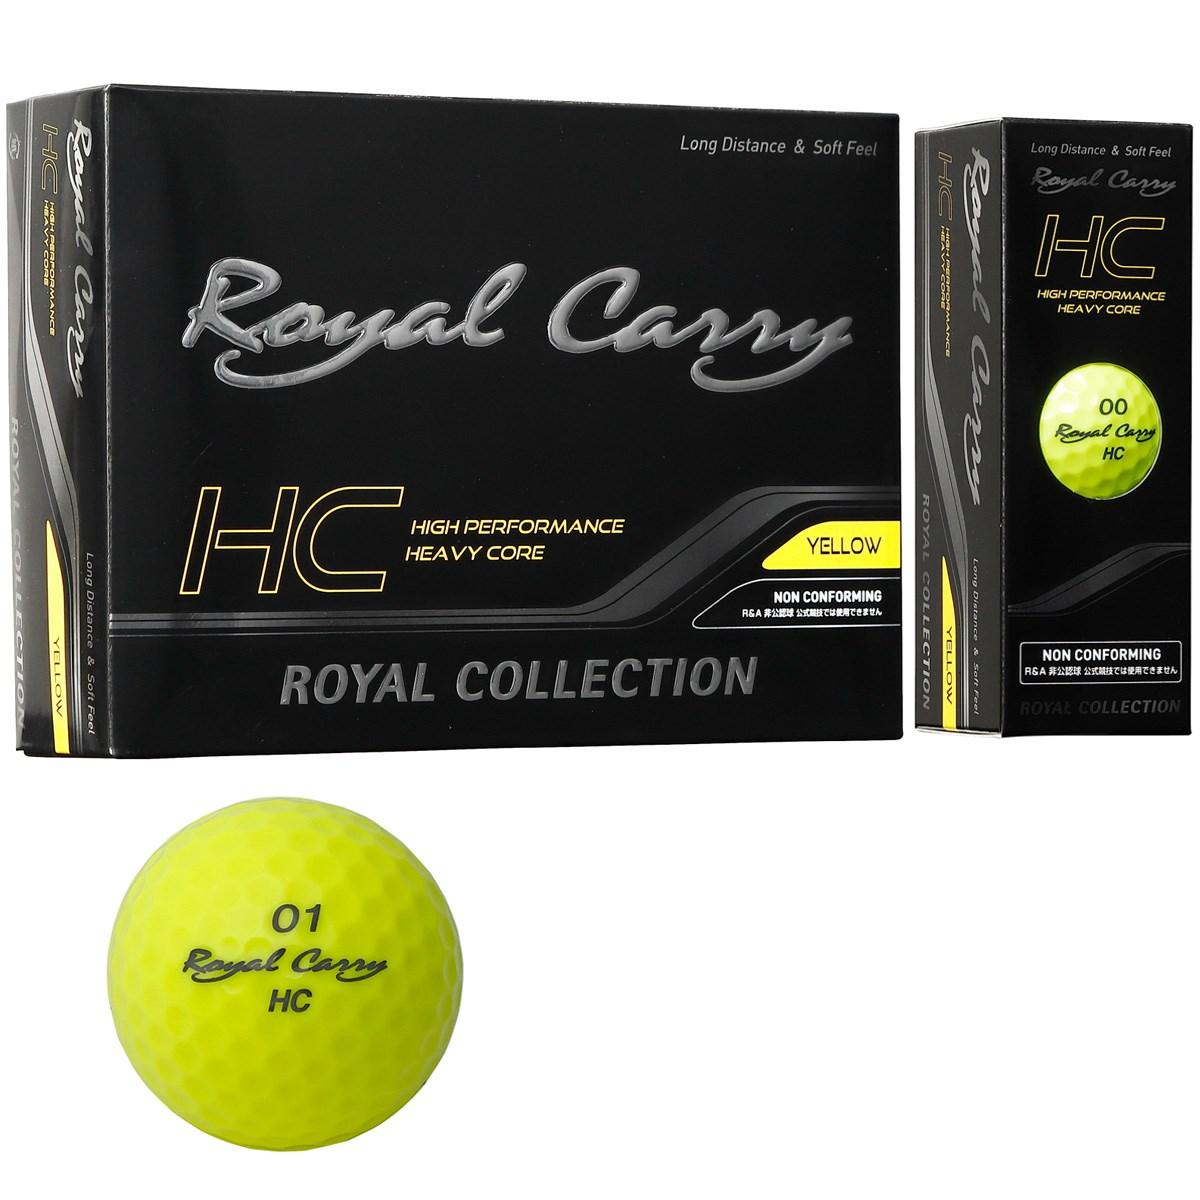 ロイヤルコレクション ROYAL COLLECTION Royal Carry HC ボール 3ダースセット 3ダース(36個入り) イエロー 【非公認球】